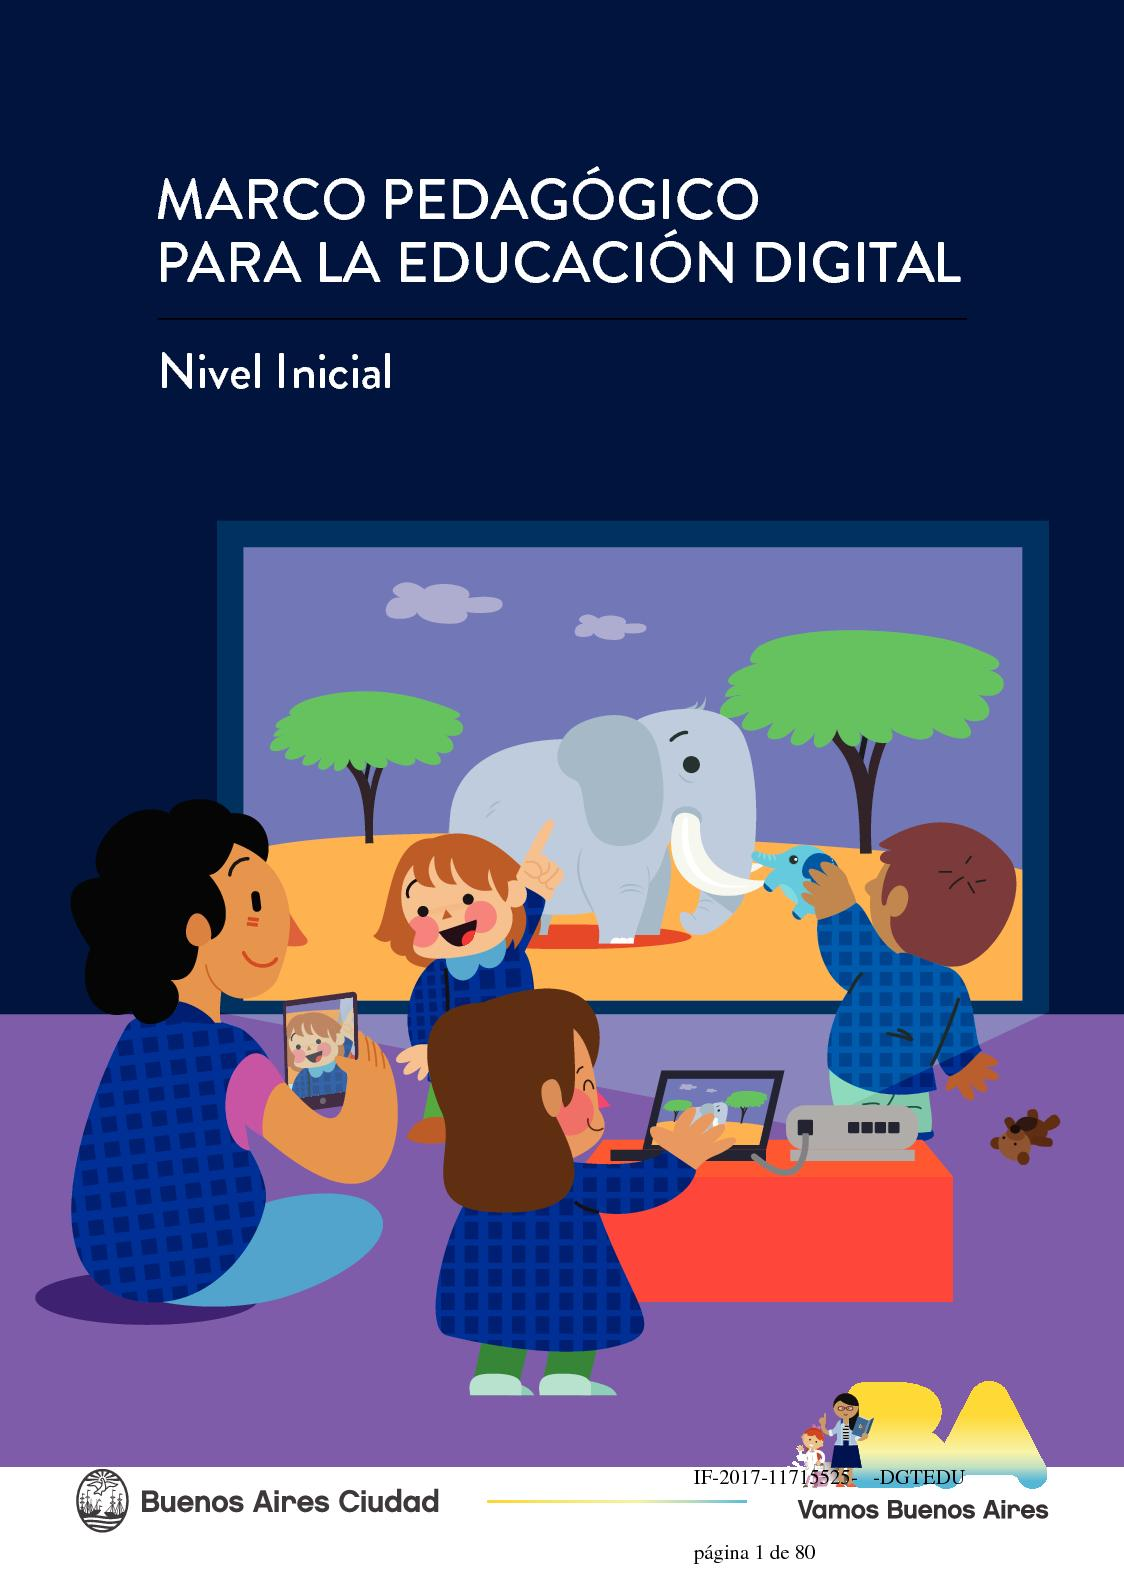 Calaméo - Marco Pedagógico para la Educación Digital en el Nivel Inicial